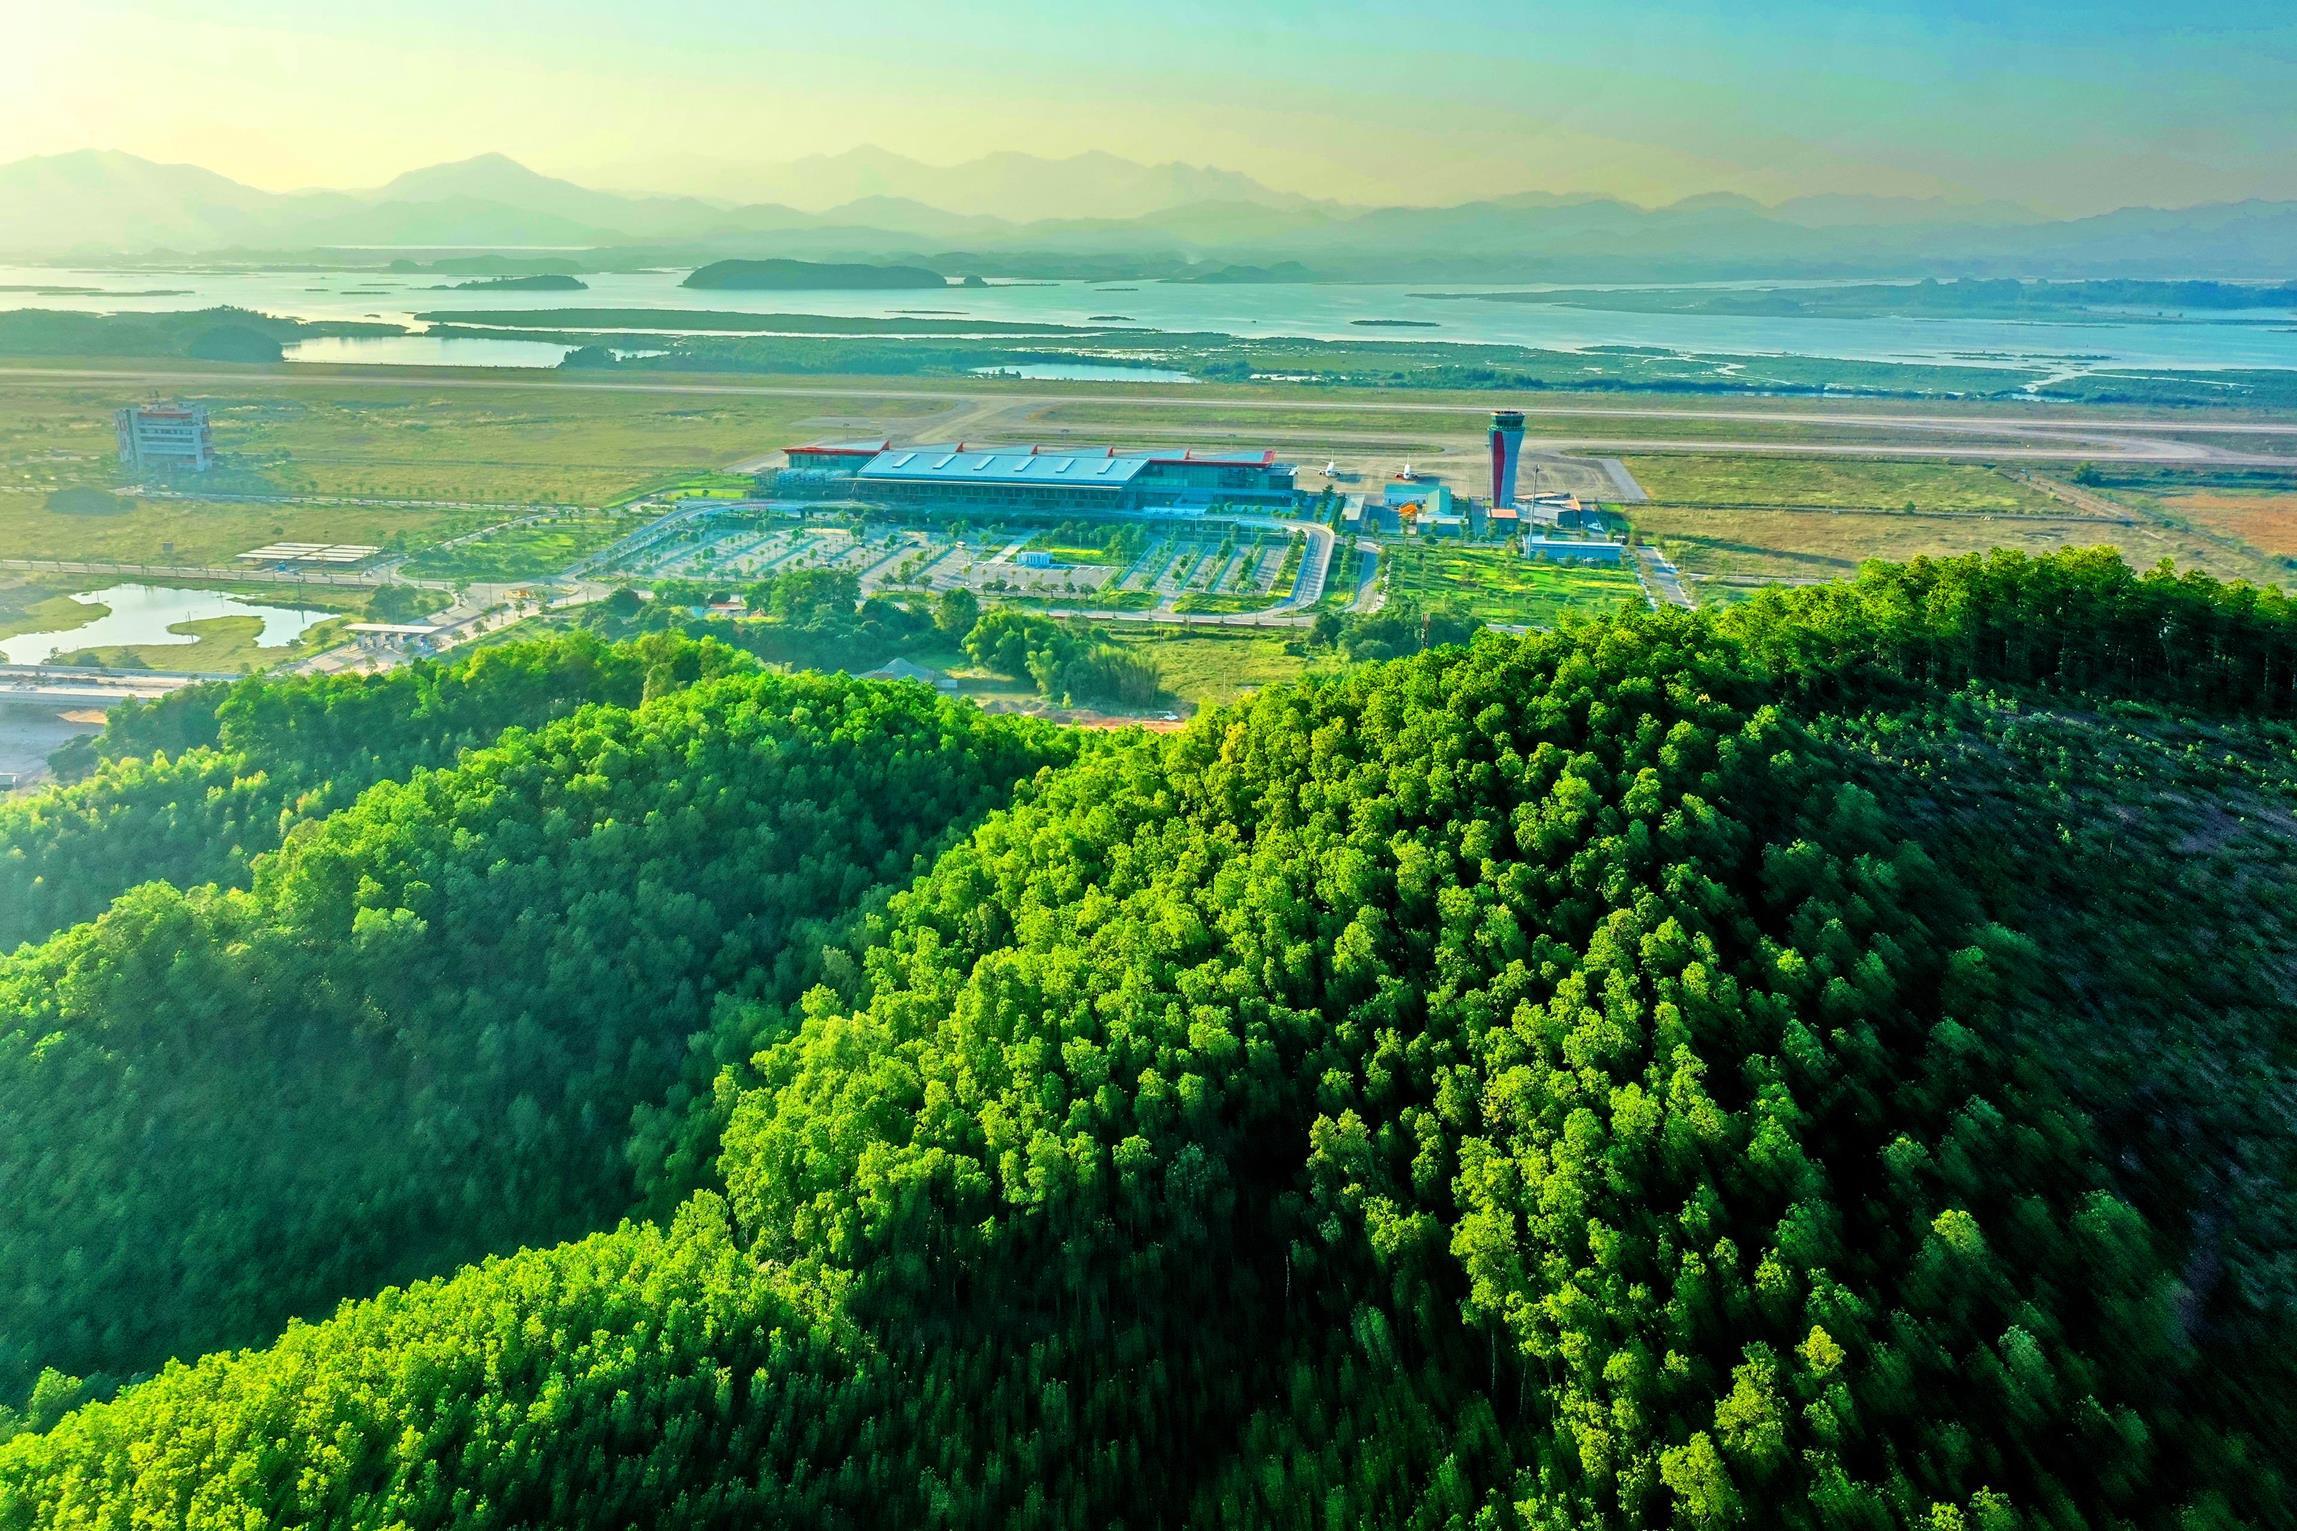 """Khám phá không gian """"resort"""" tại Sân bay khu vực hàng đầu Châu Á 2020 1"""